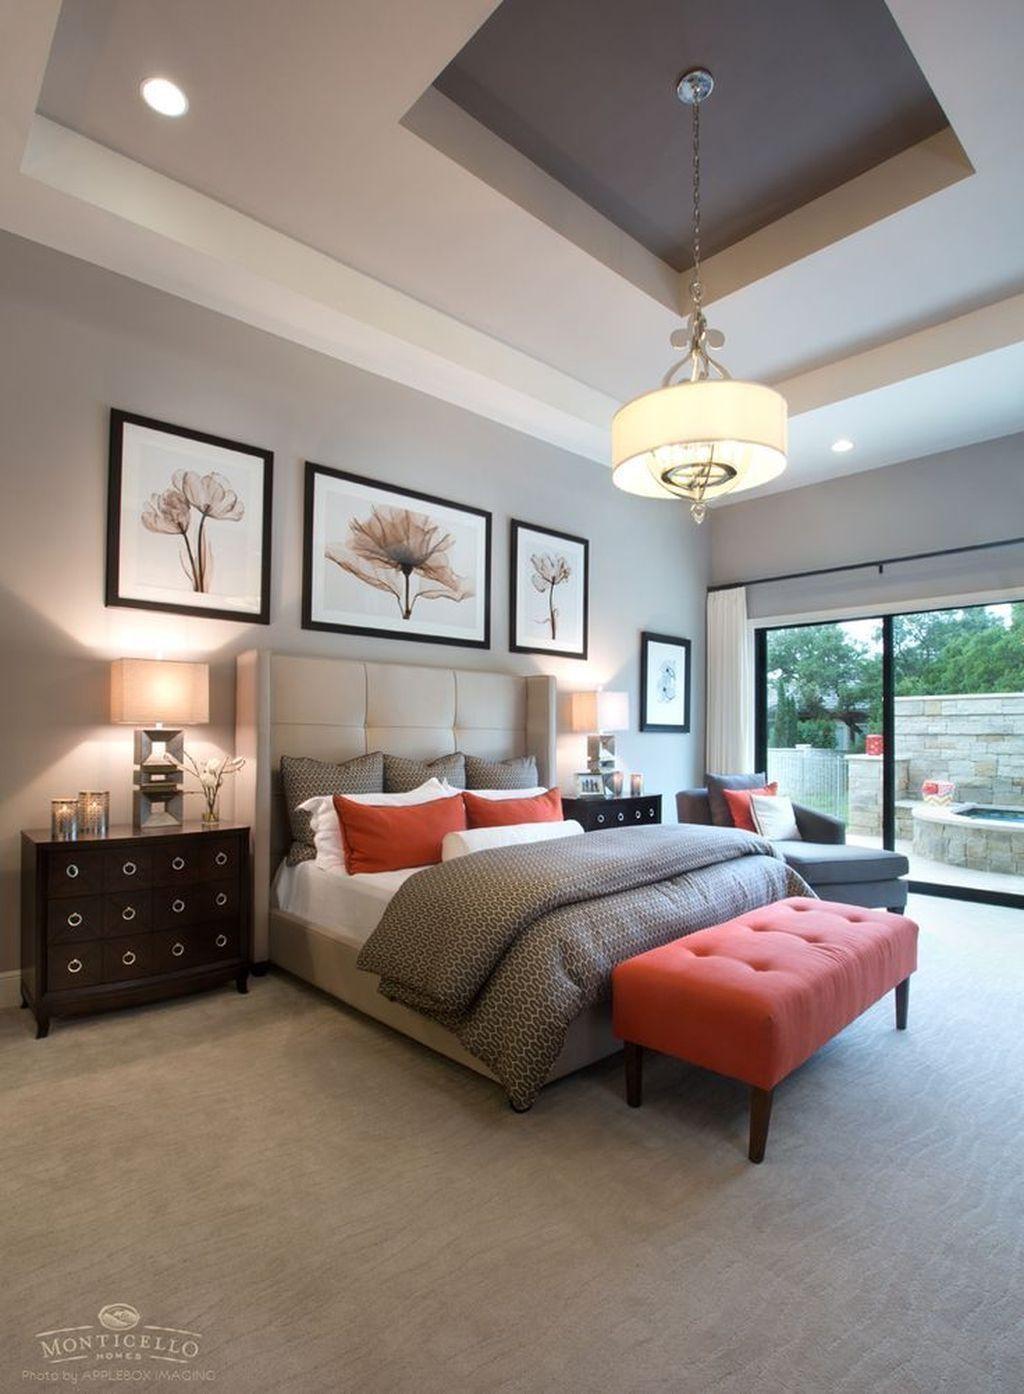 Pin By Penelope Brown On Best Home Improvements In 2018 - Como-decorar-una-habitacion-de-matrimonio-moderna